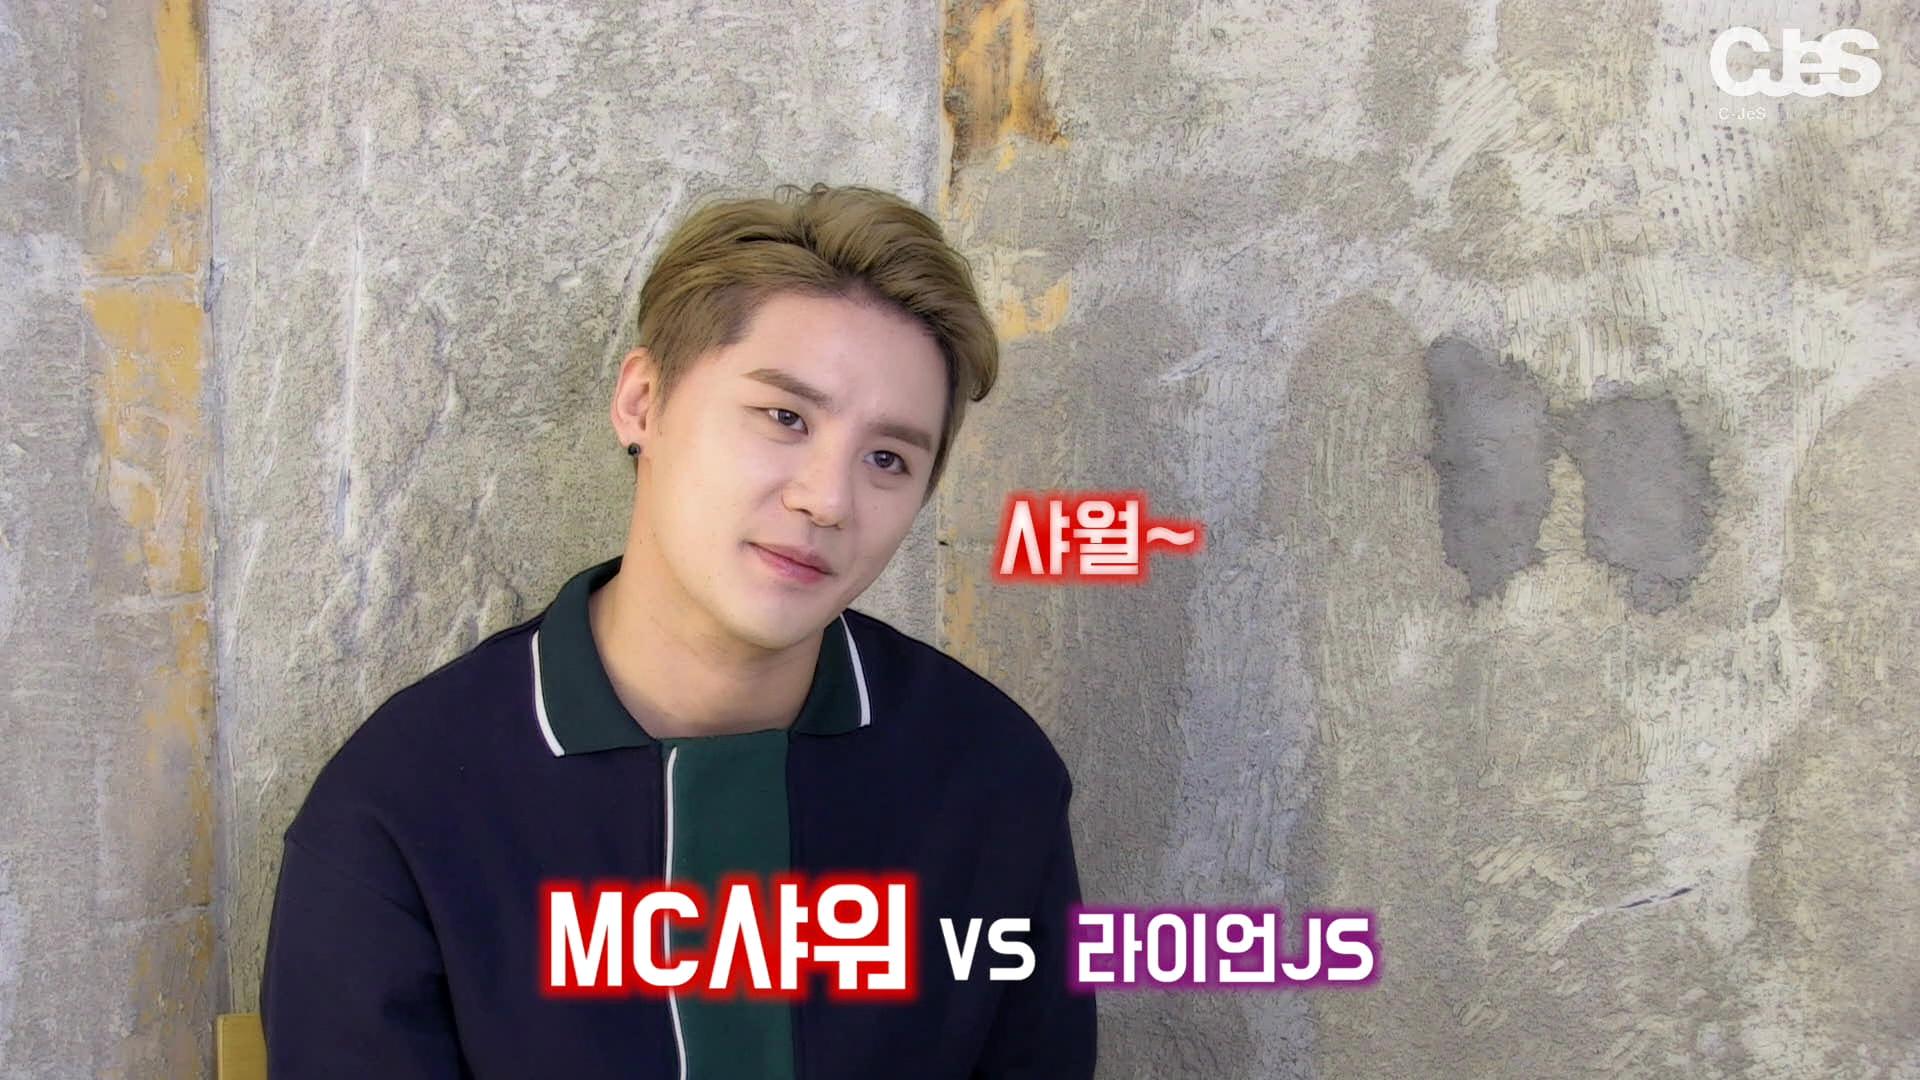 김준수 - XIA와 나의 궁합은?♥ 허를 찌르는 양자택일!